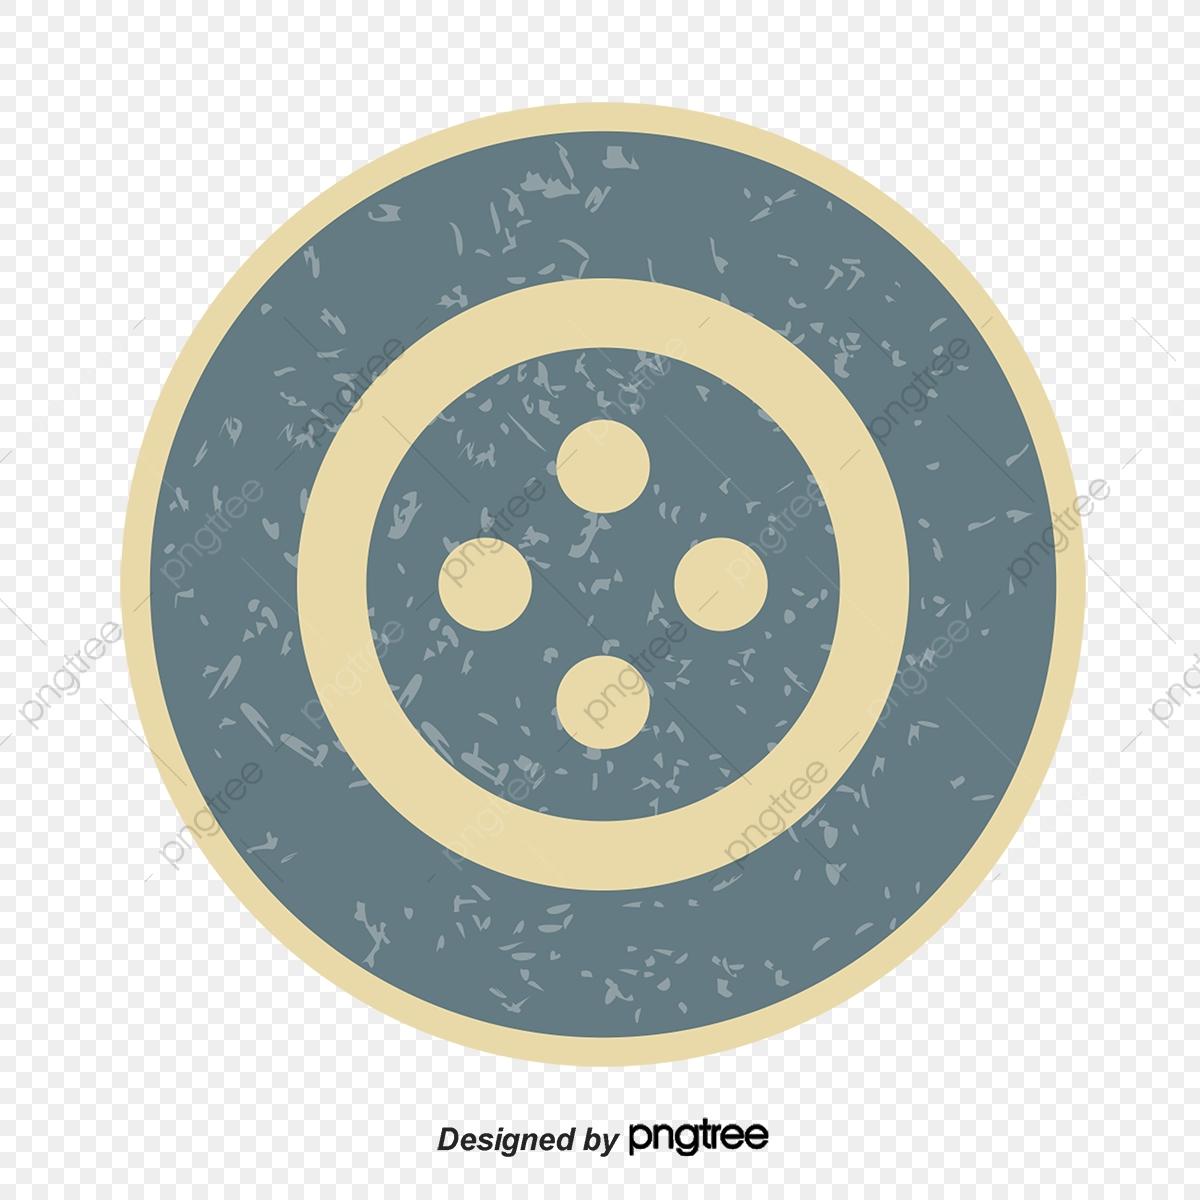 Geometric Round Dice Profile, Geometric, Icon, Circular PNG